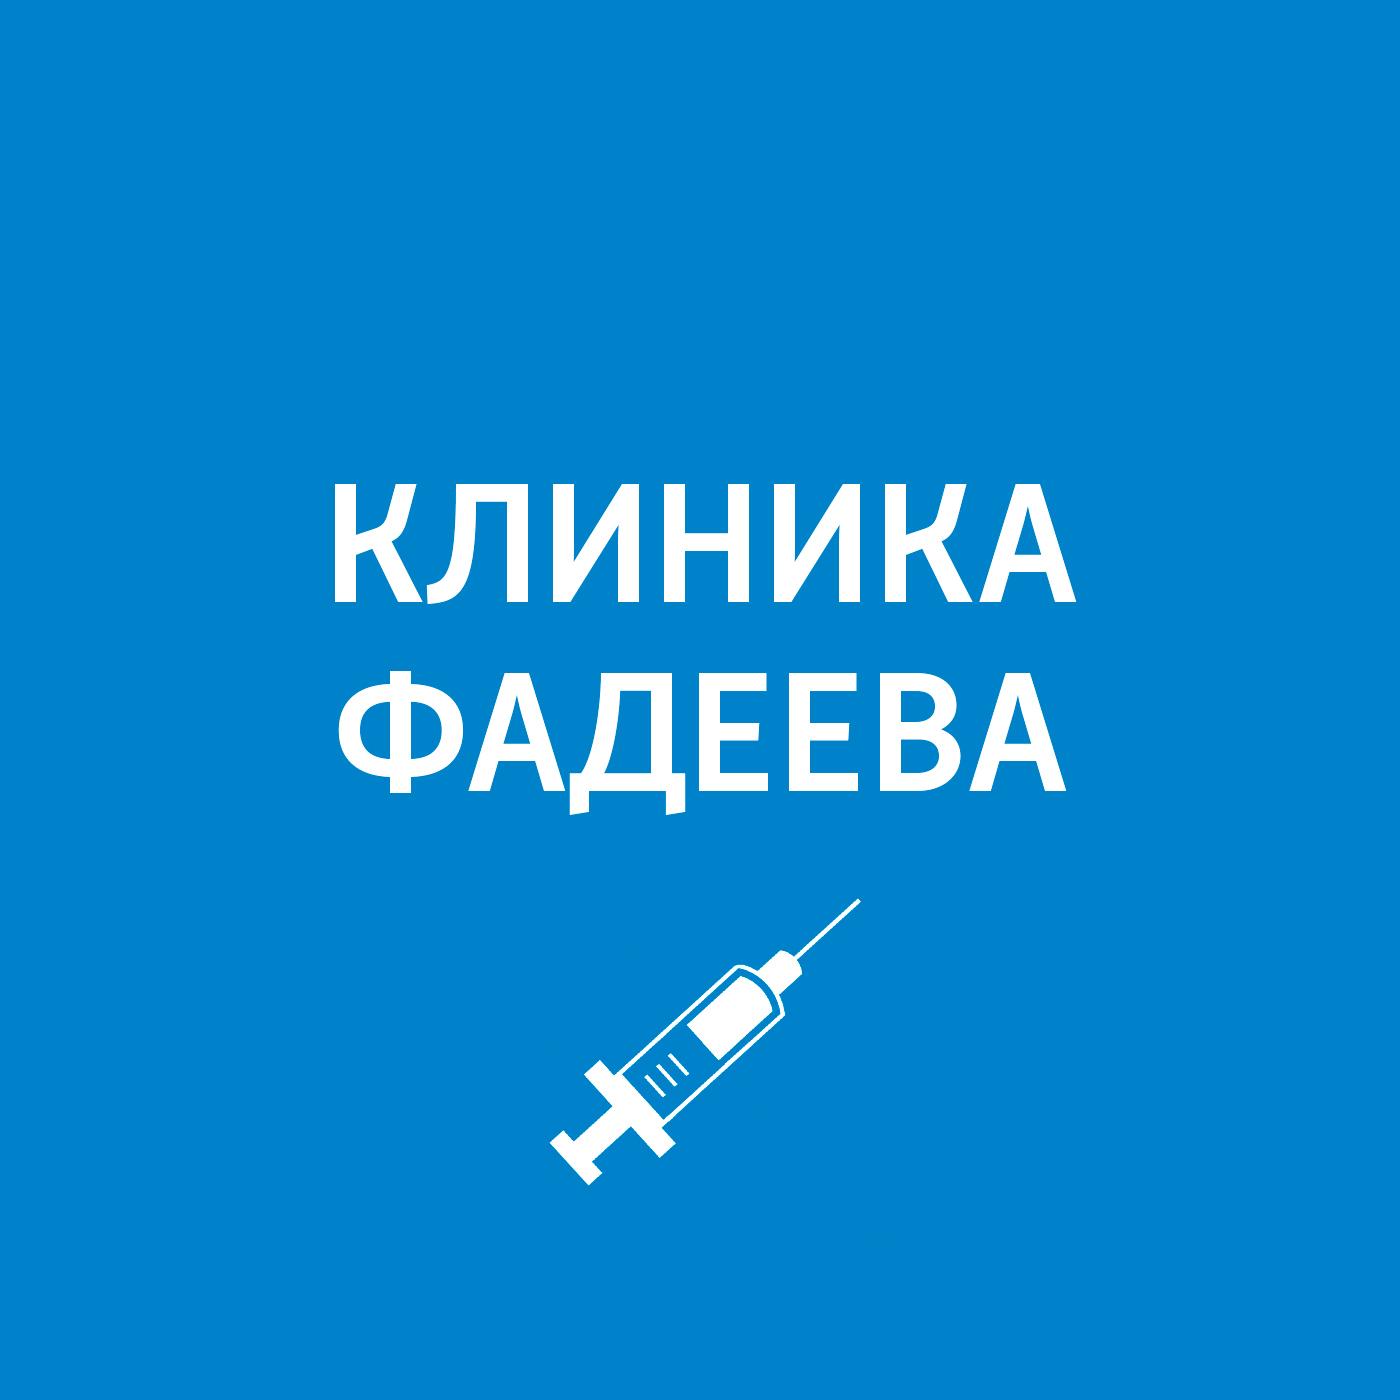 Пётр Фадеев Врач-диетолог пётр фадеев диеты